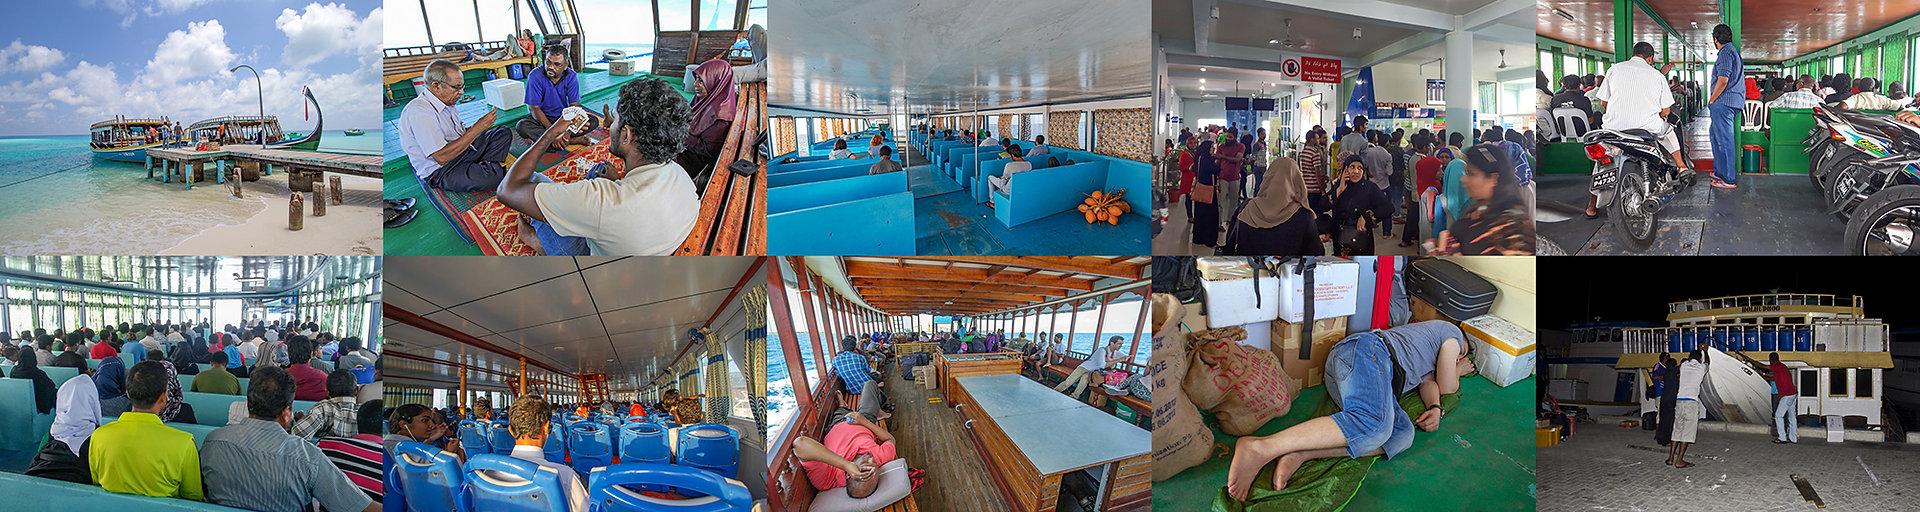 Cestování veřejným trajektem, Maledivy public ferry